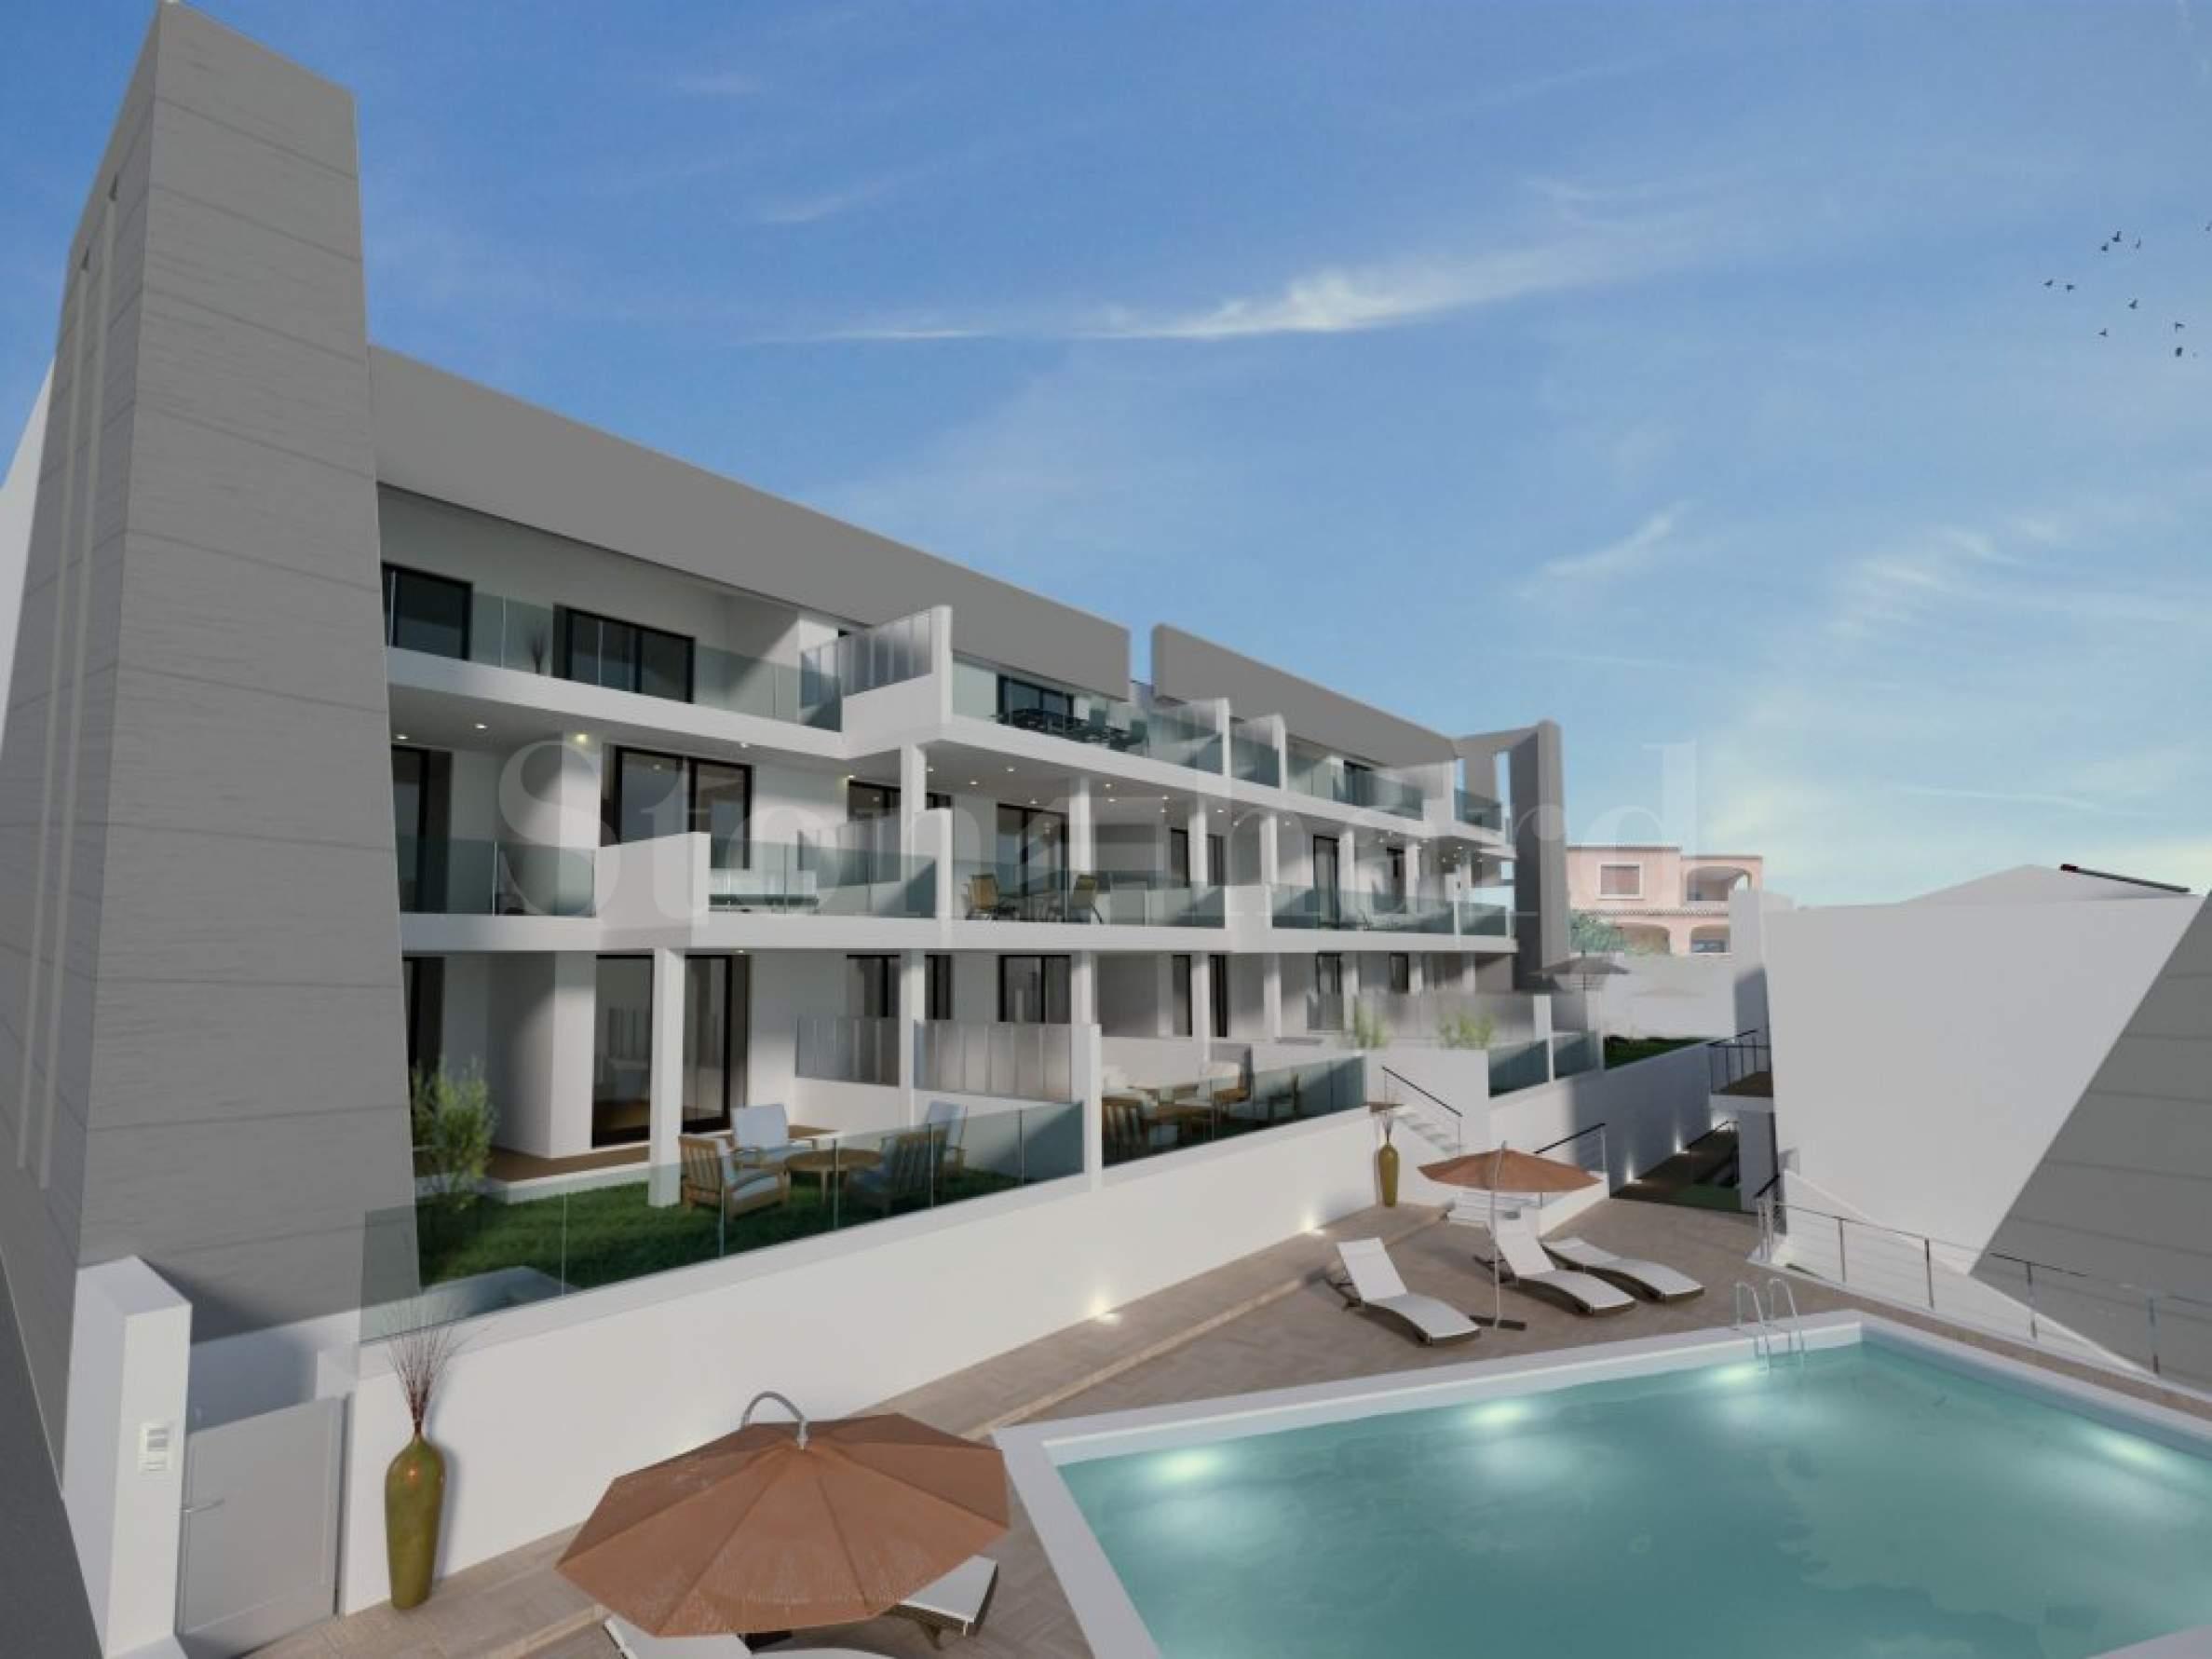 Holiday residences in Sardinia2 - Stonehard